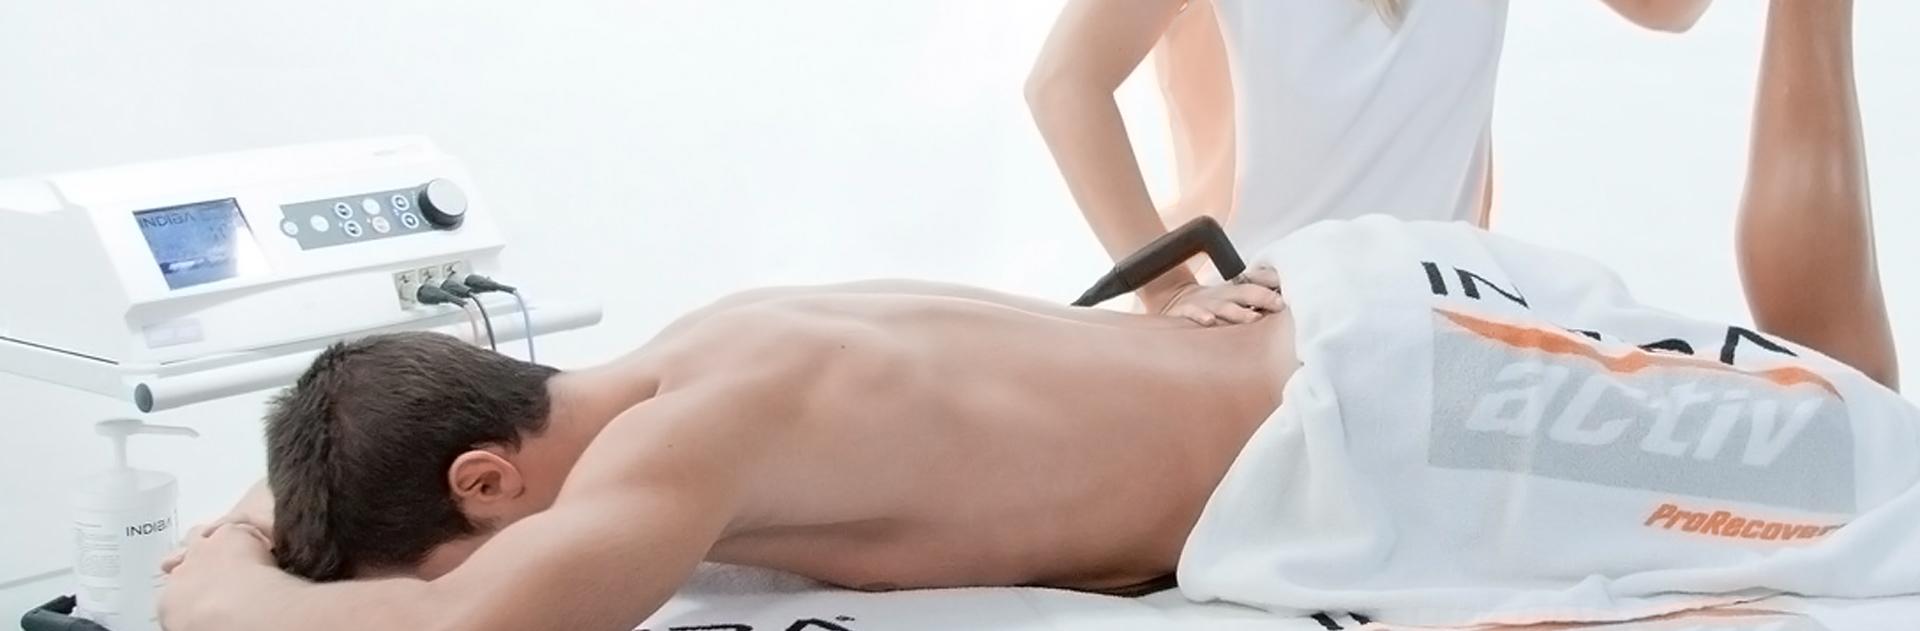 Indiba activ para el tratamiento de la ciática